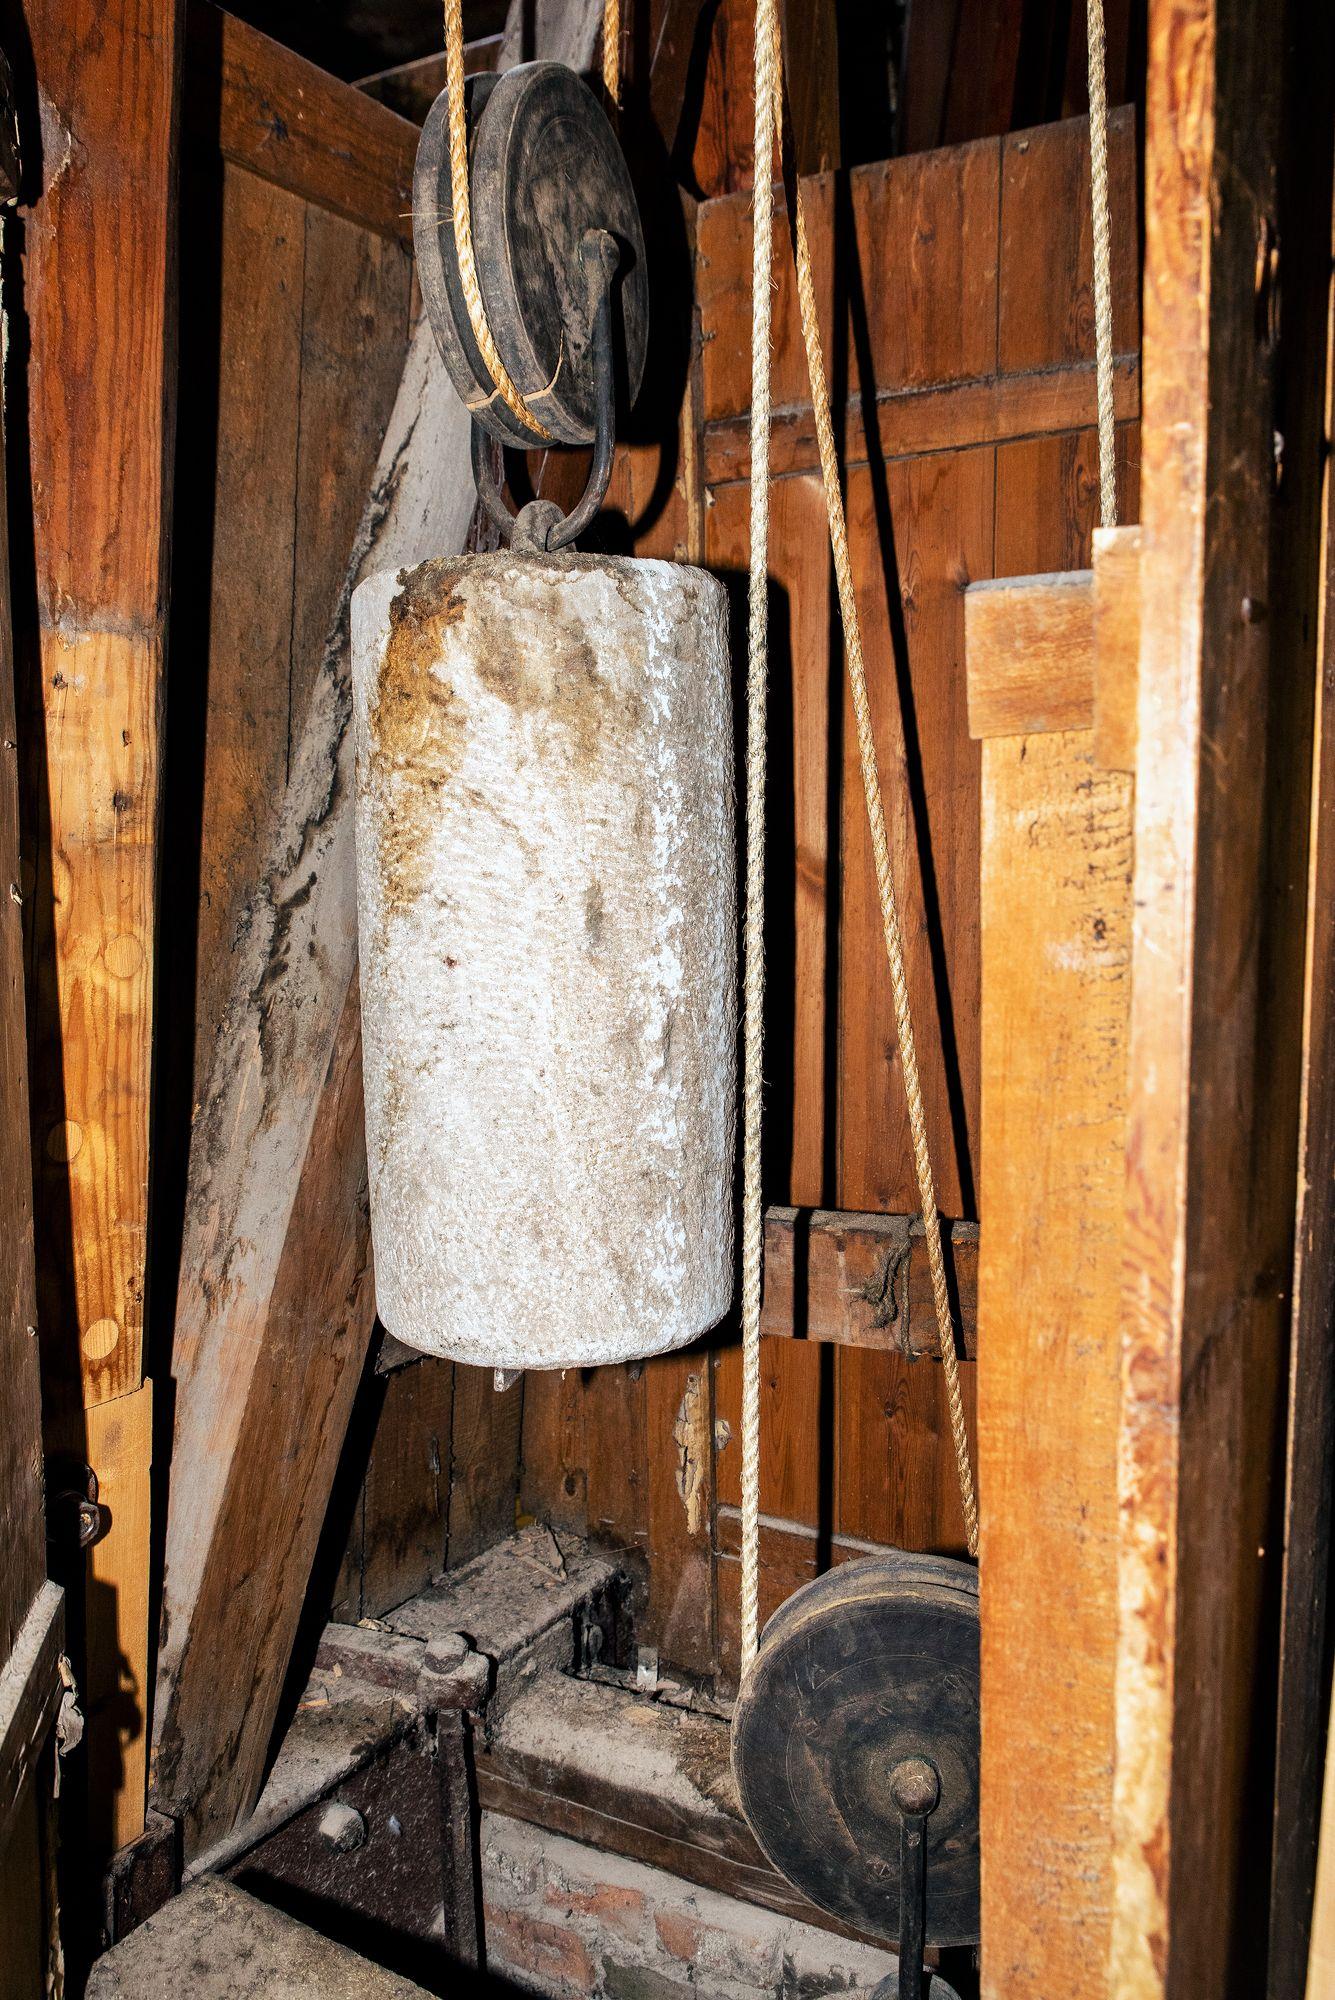 Kymmeniä kiloja painavat punnukset veivataan ylös kerran viikossa. © Aku Ratsula